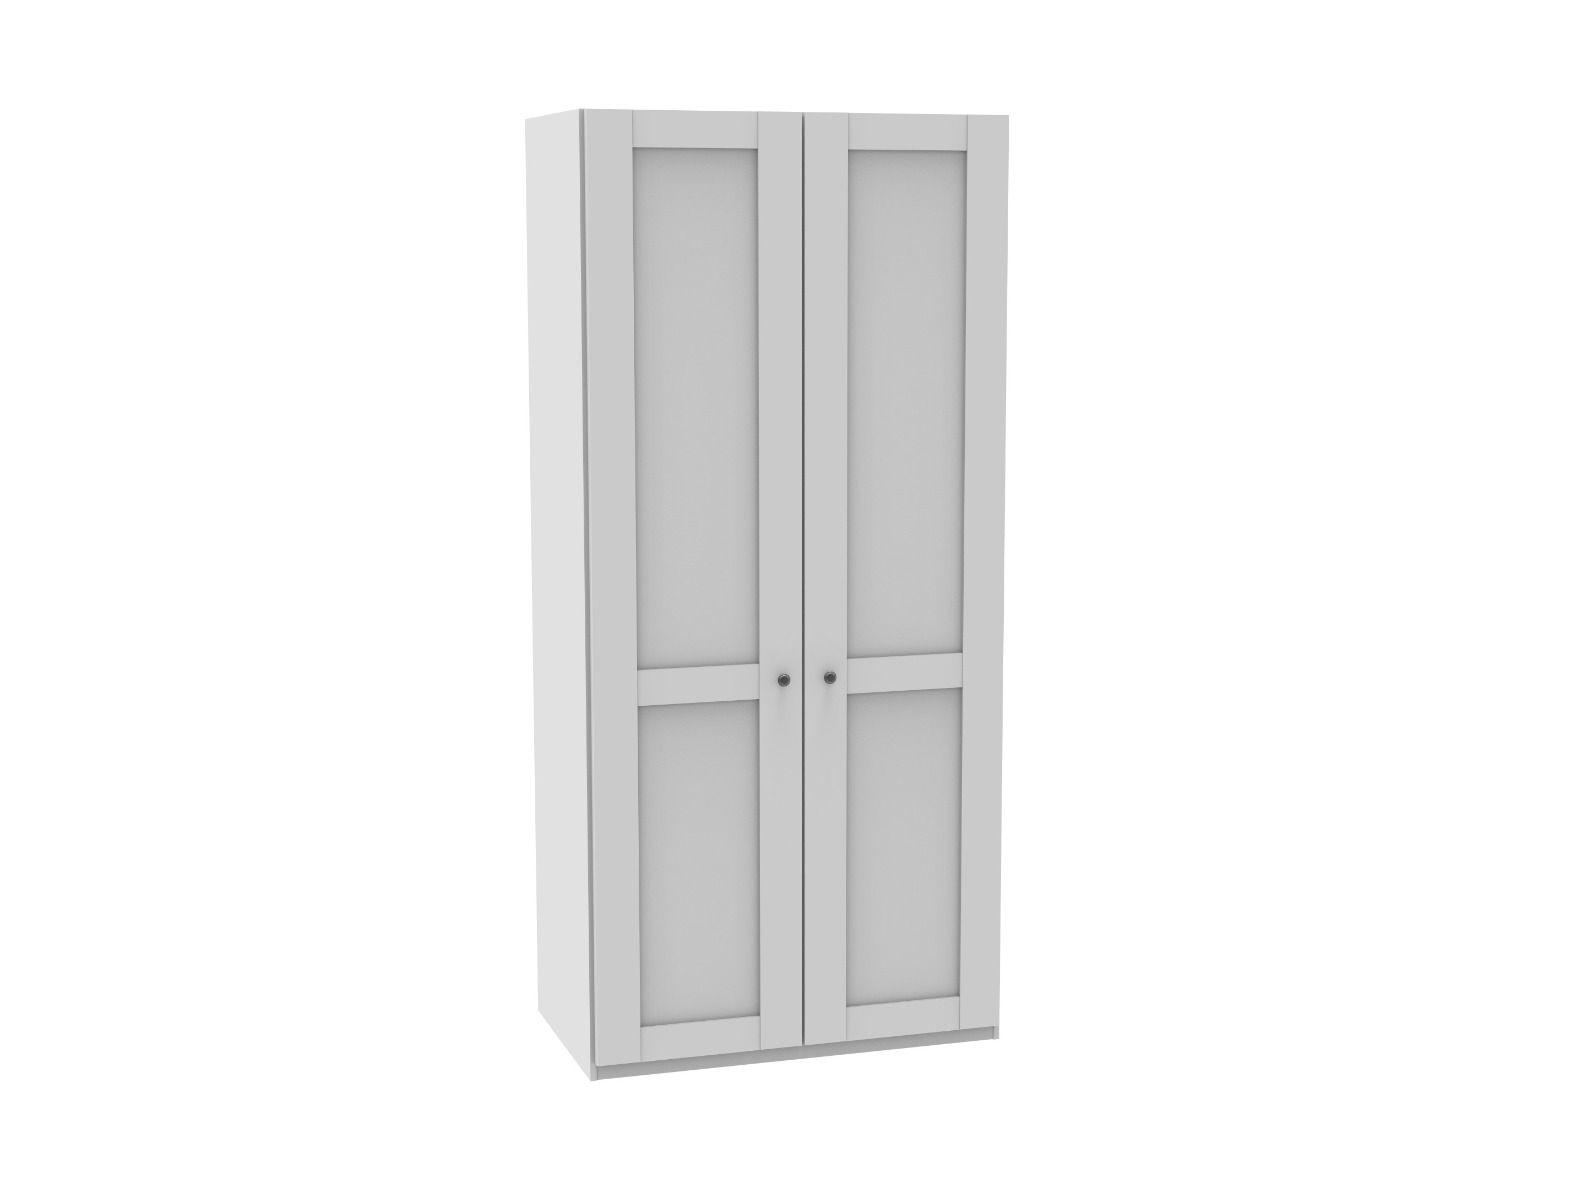 Draaideurkast Sloane - 2 deuren